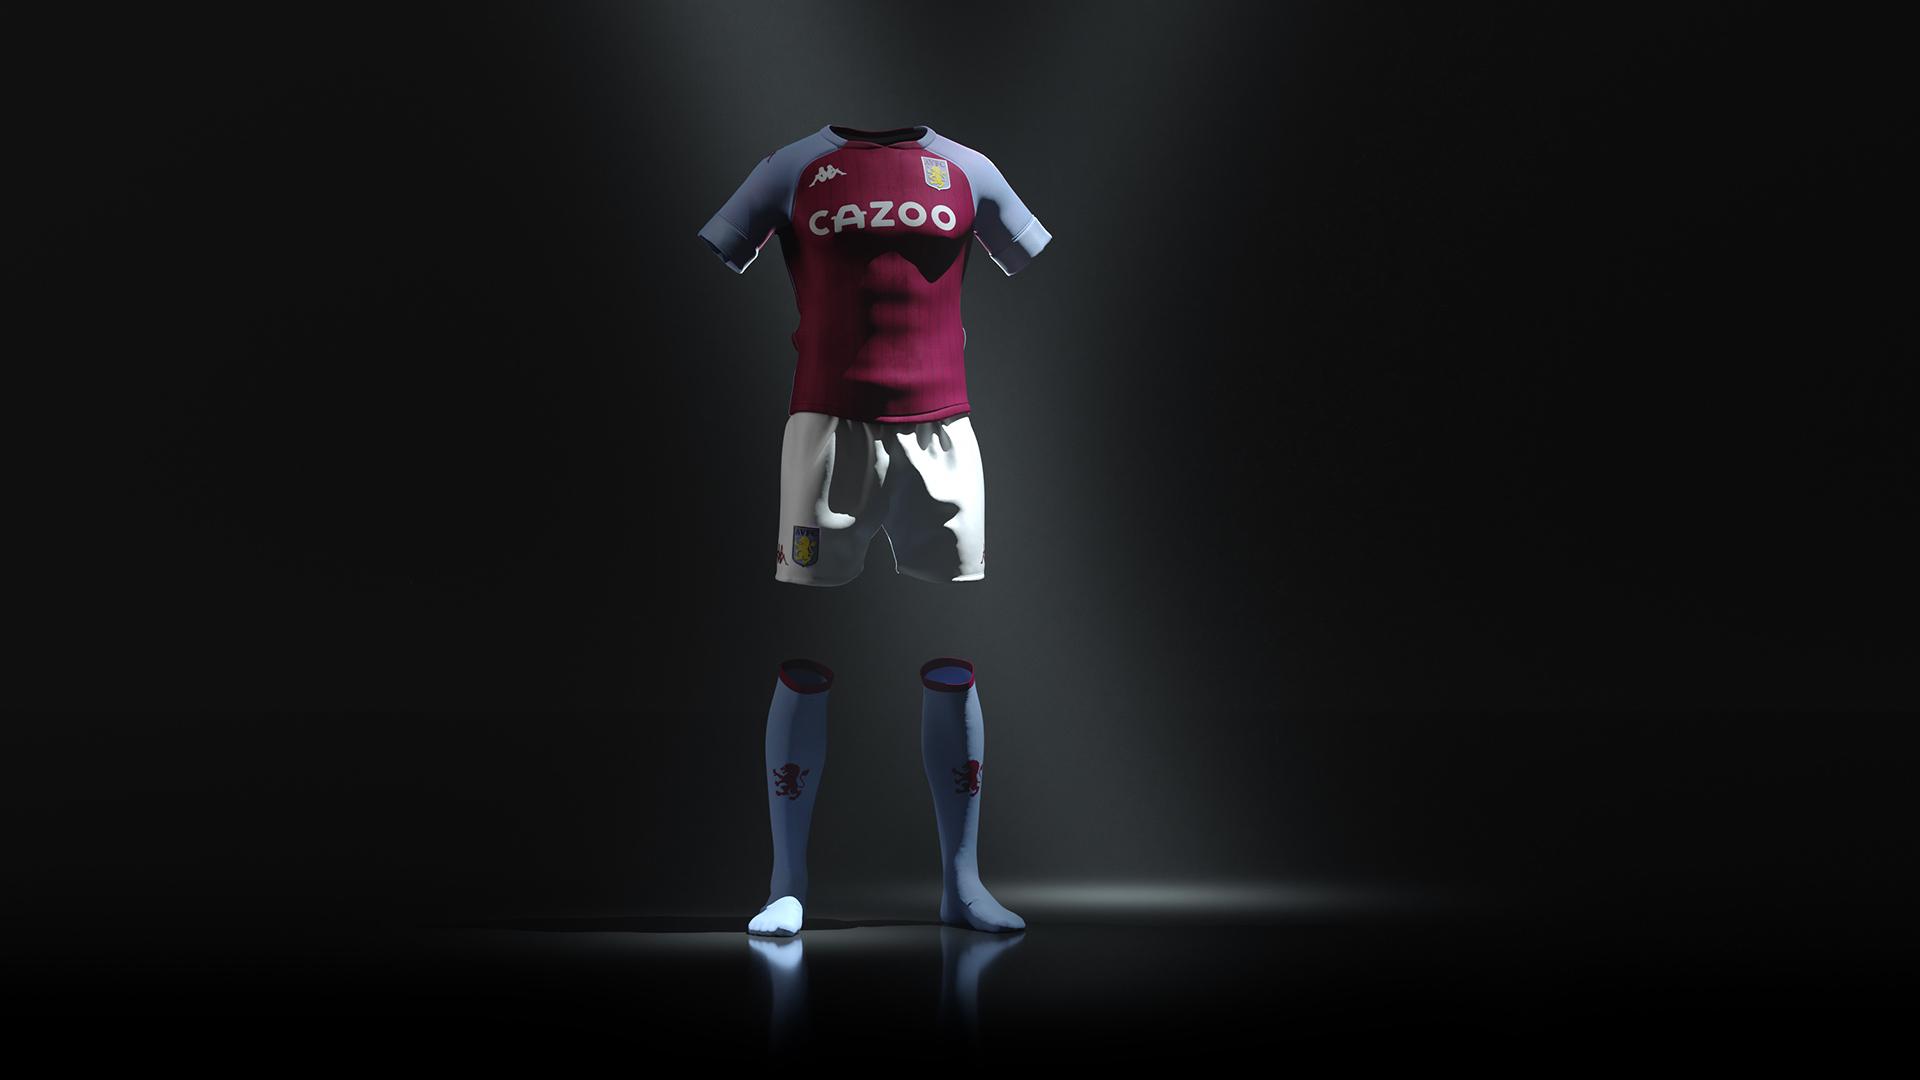 Aston-Villa-Kit-Launch-Animation-08